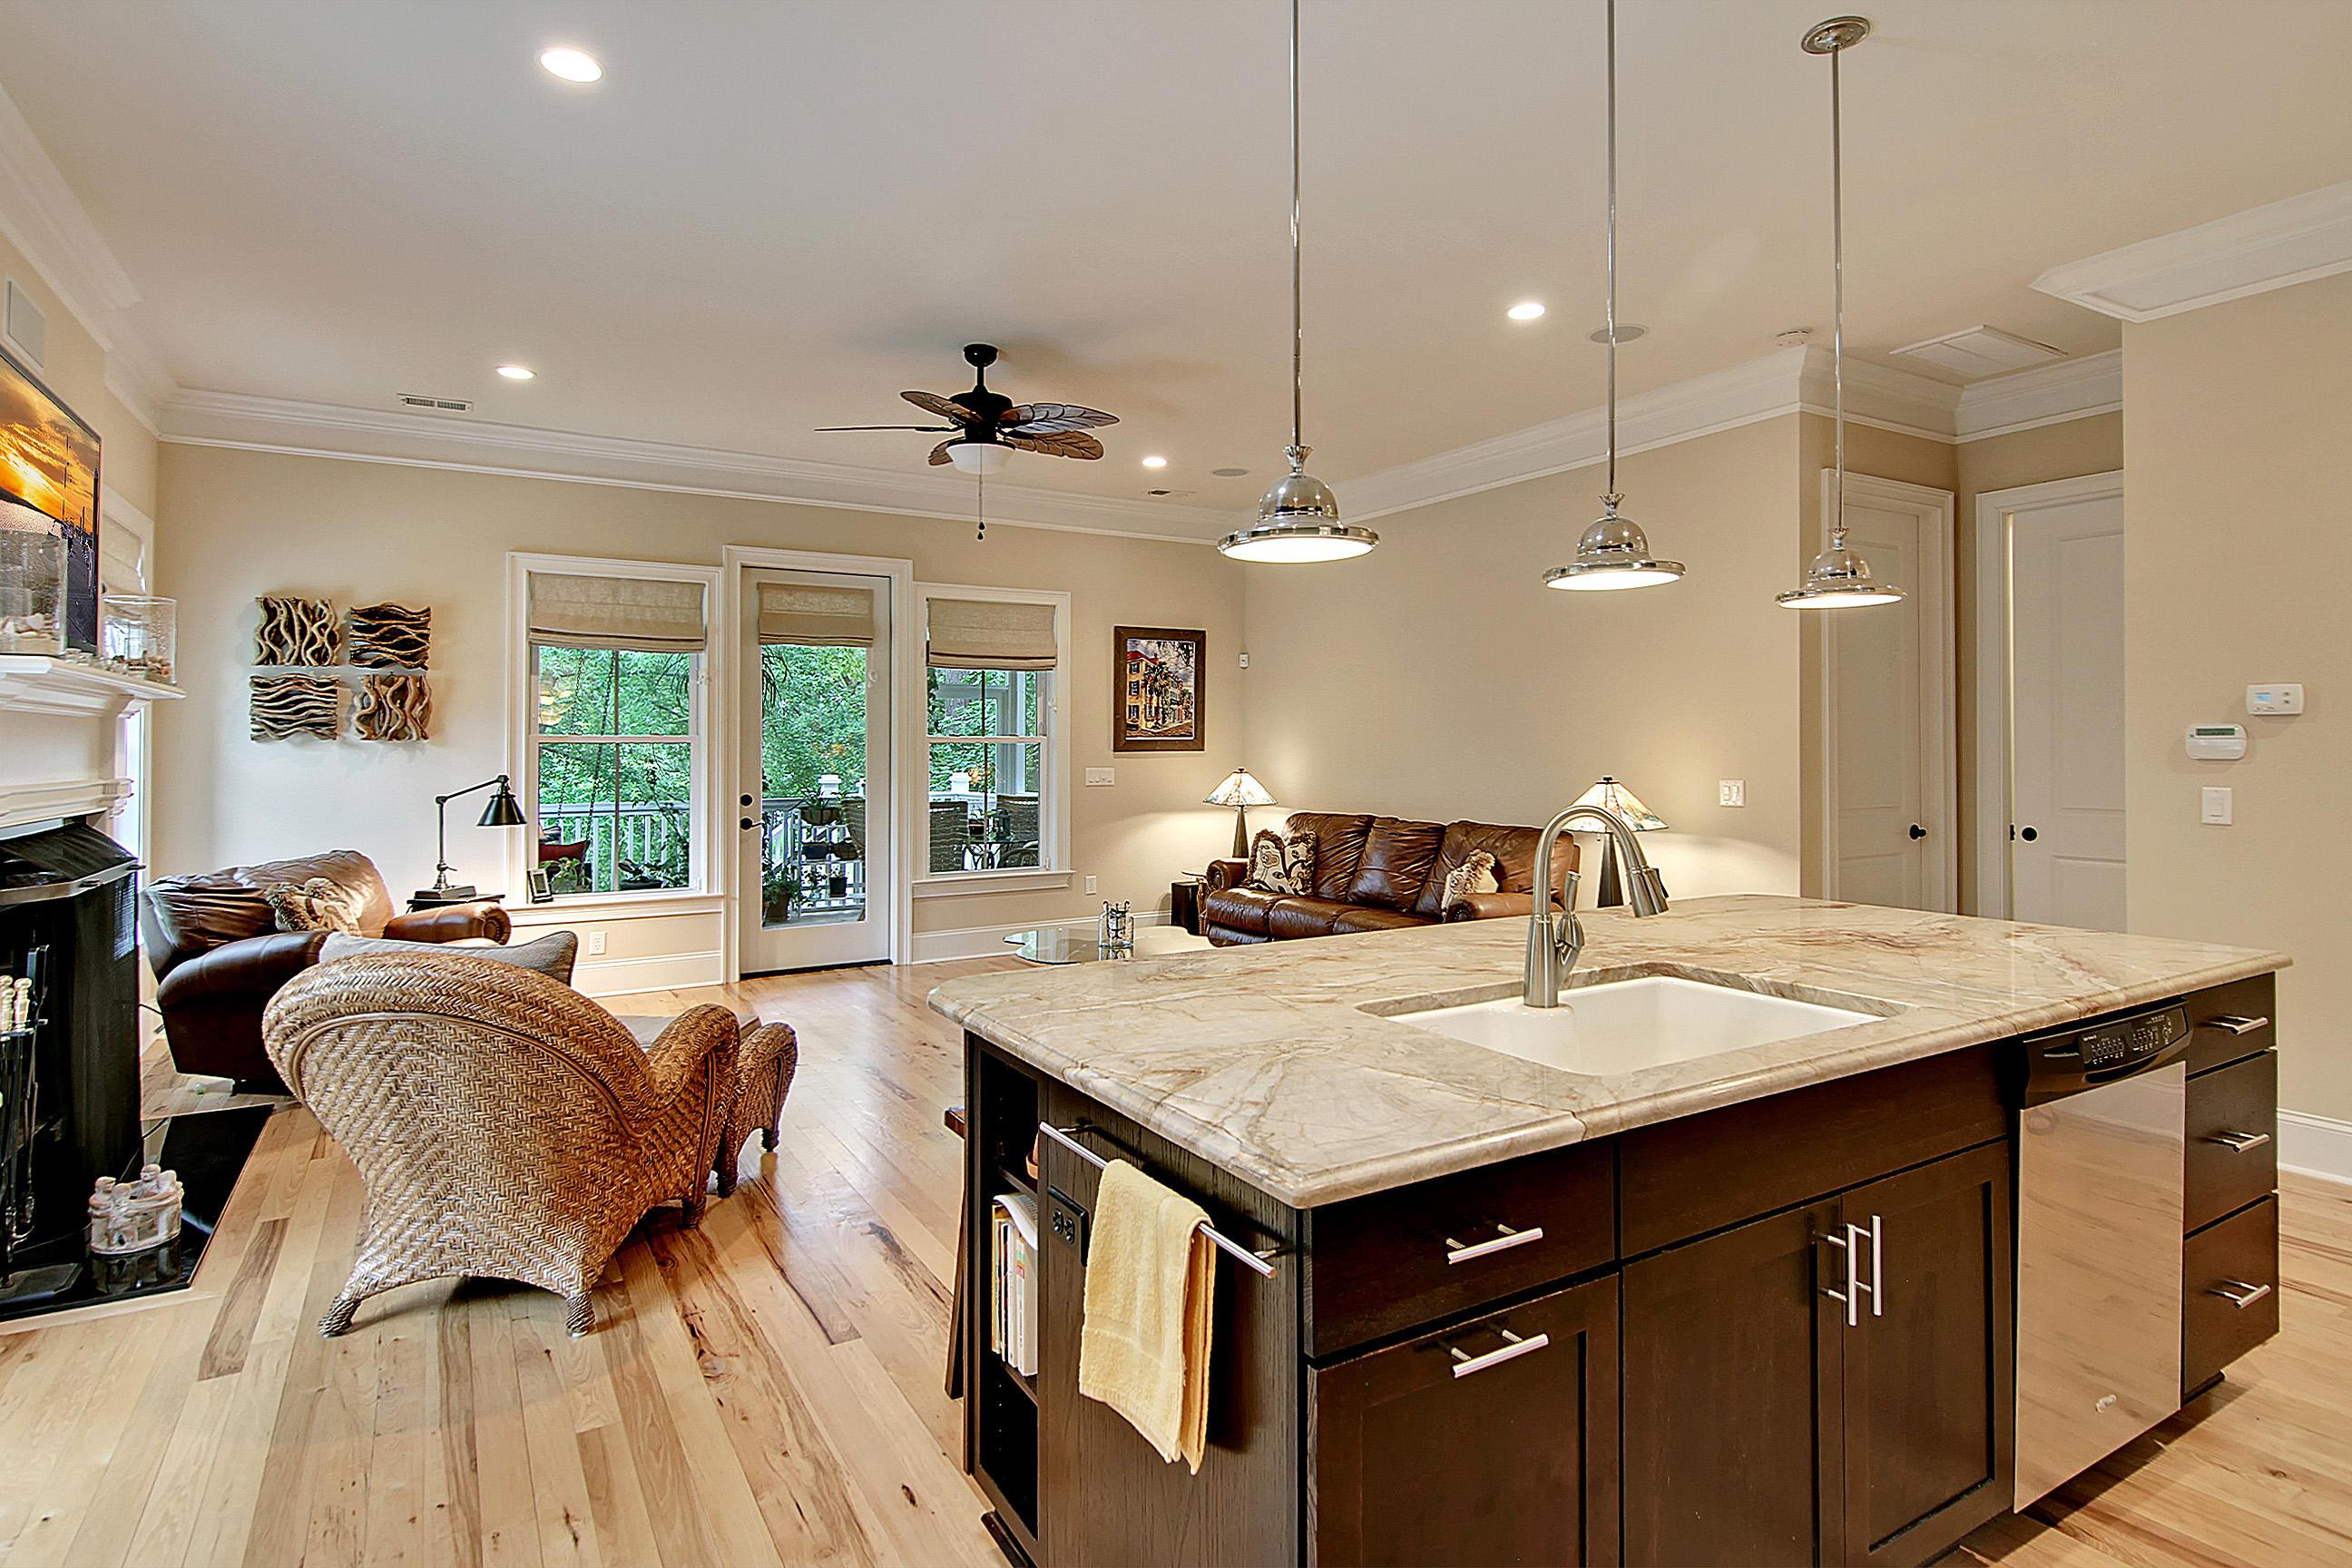 Park West Homes For Sale - 1596 Capel, Mount Pleasant, SC - 30